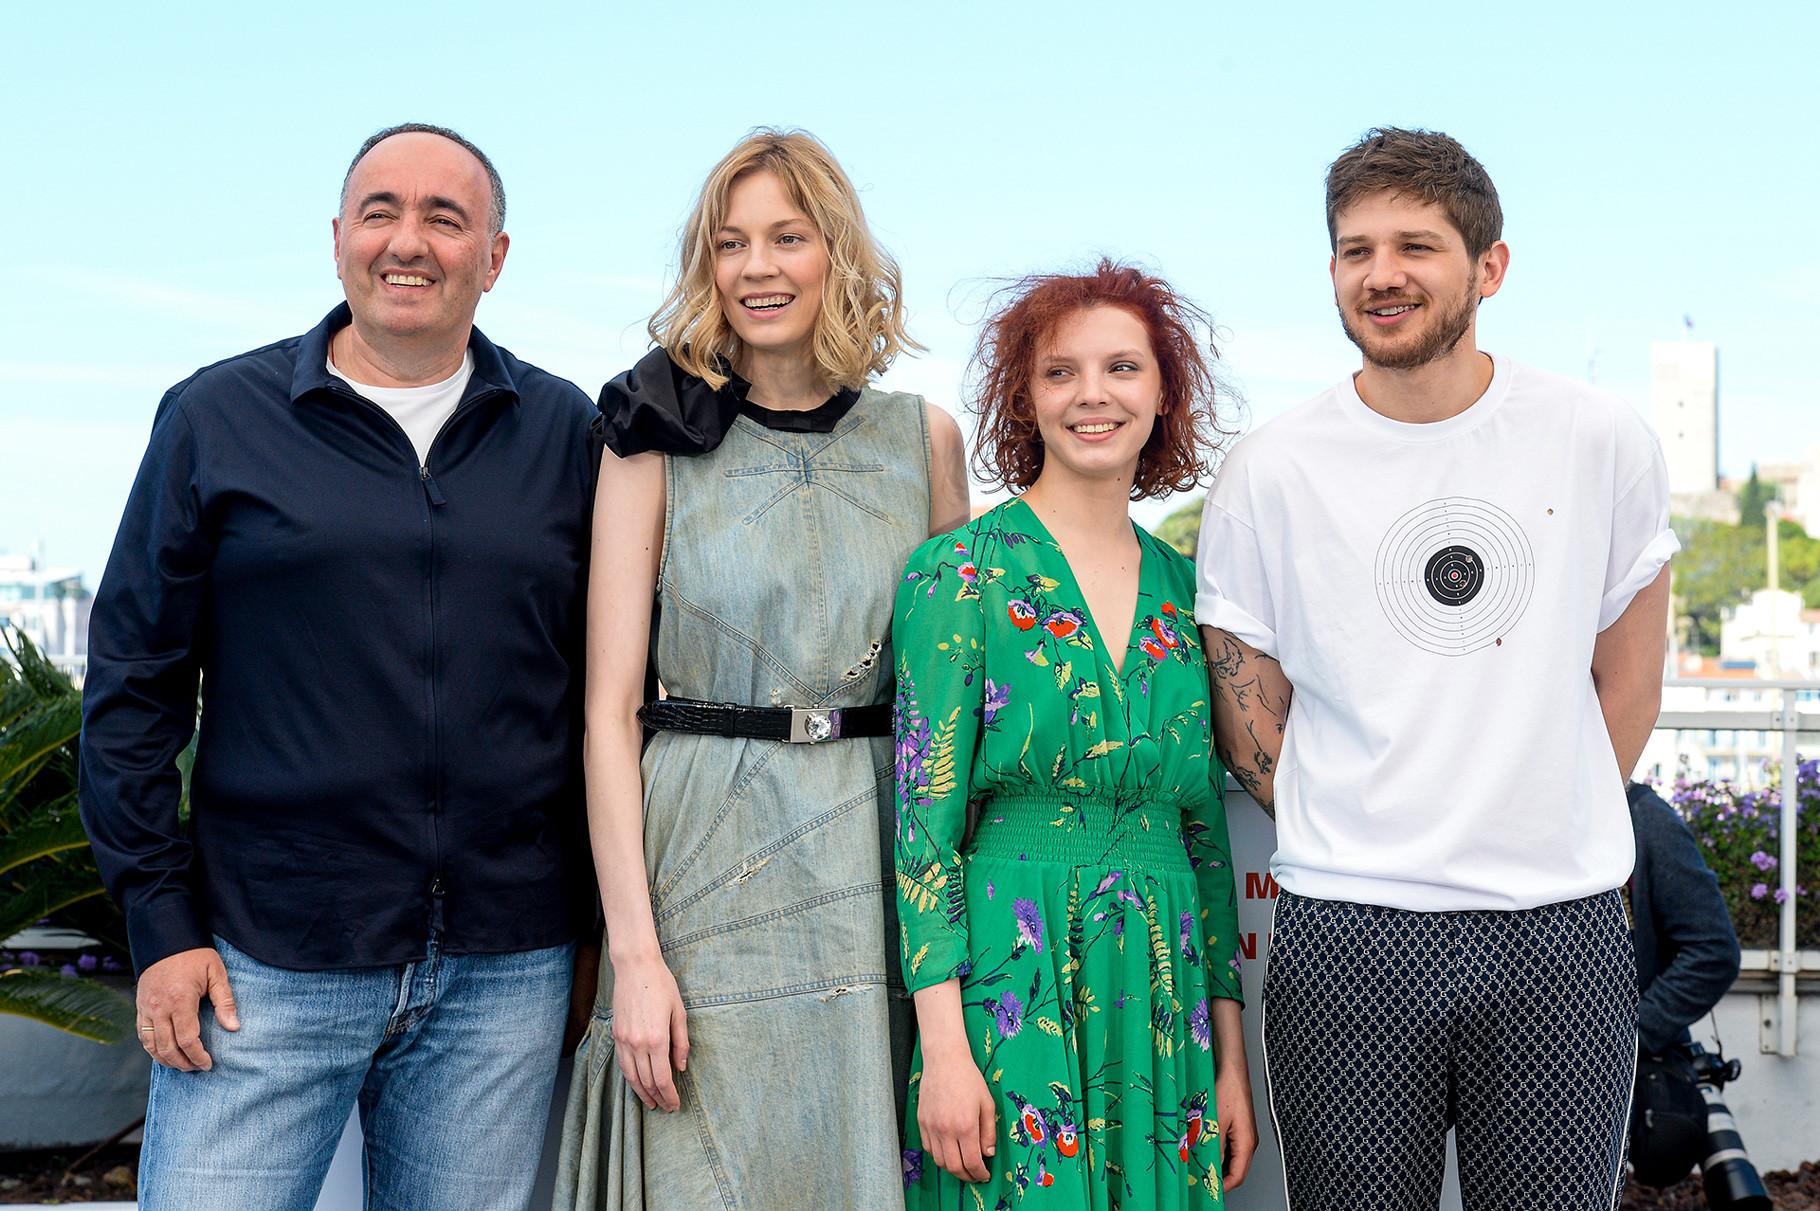 Il produttore Aleksandr Rodnyanskij, le attrici Viktoria Miroshnichenko e Vasilisa Perelygina e il regista Kantemir Balagov alla proiezione del film